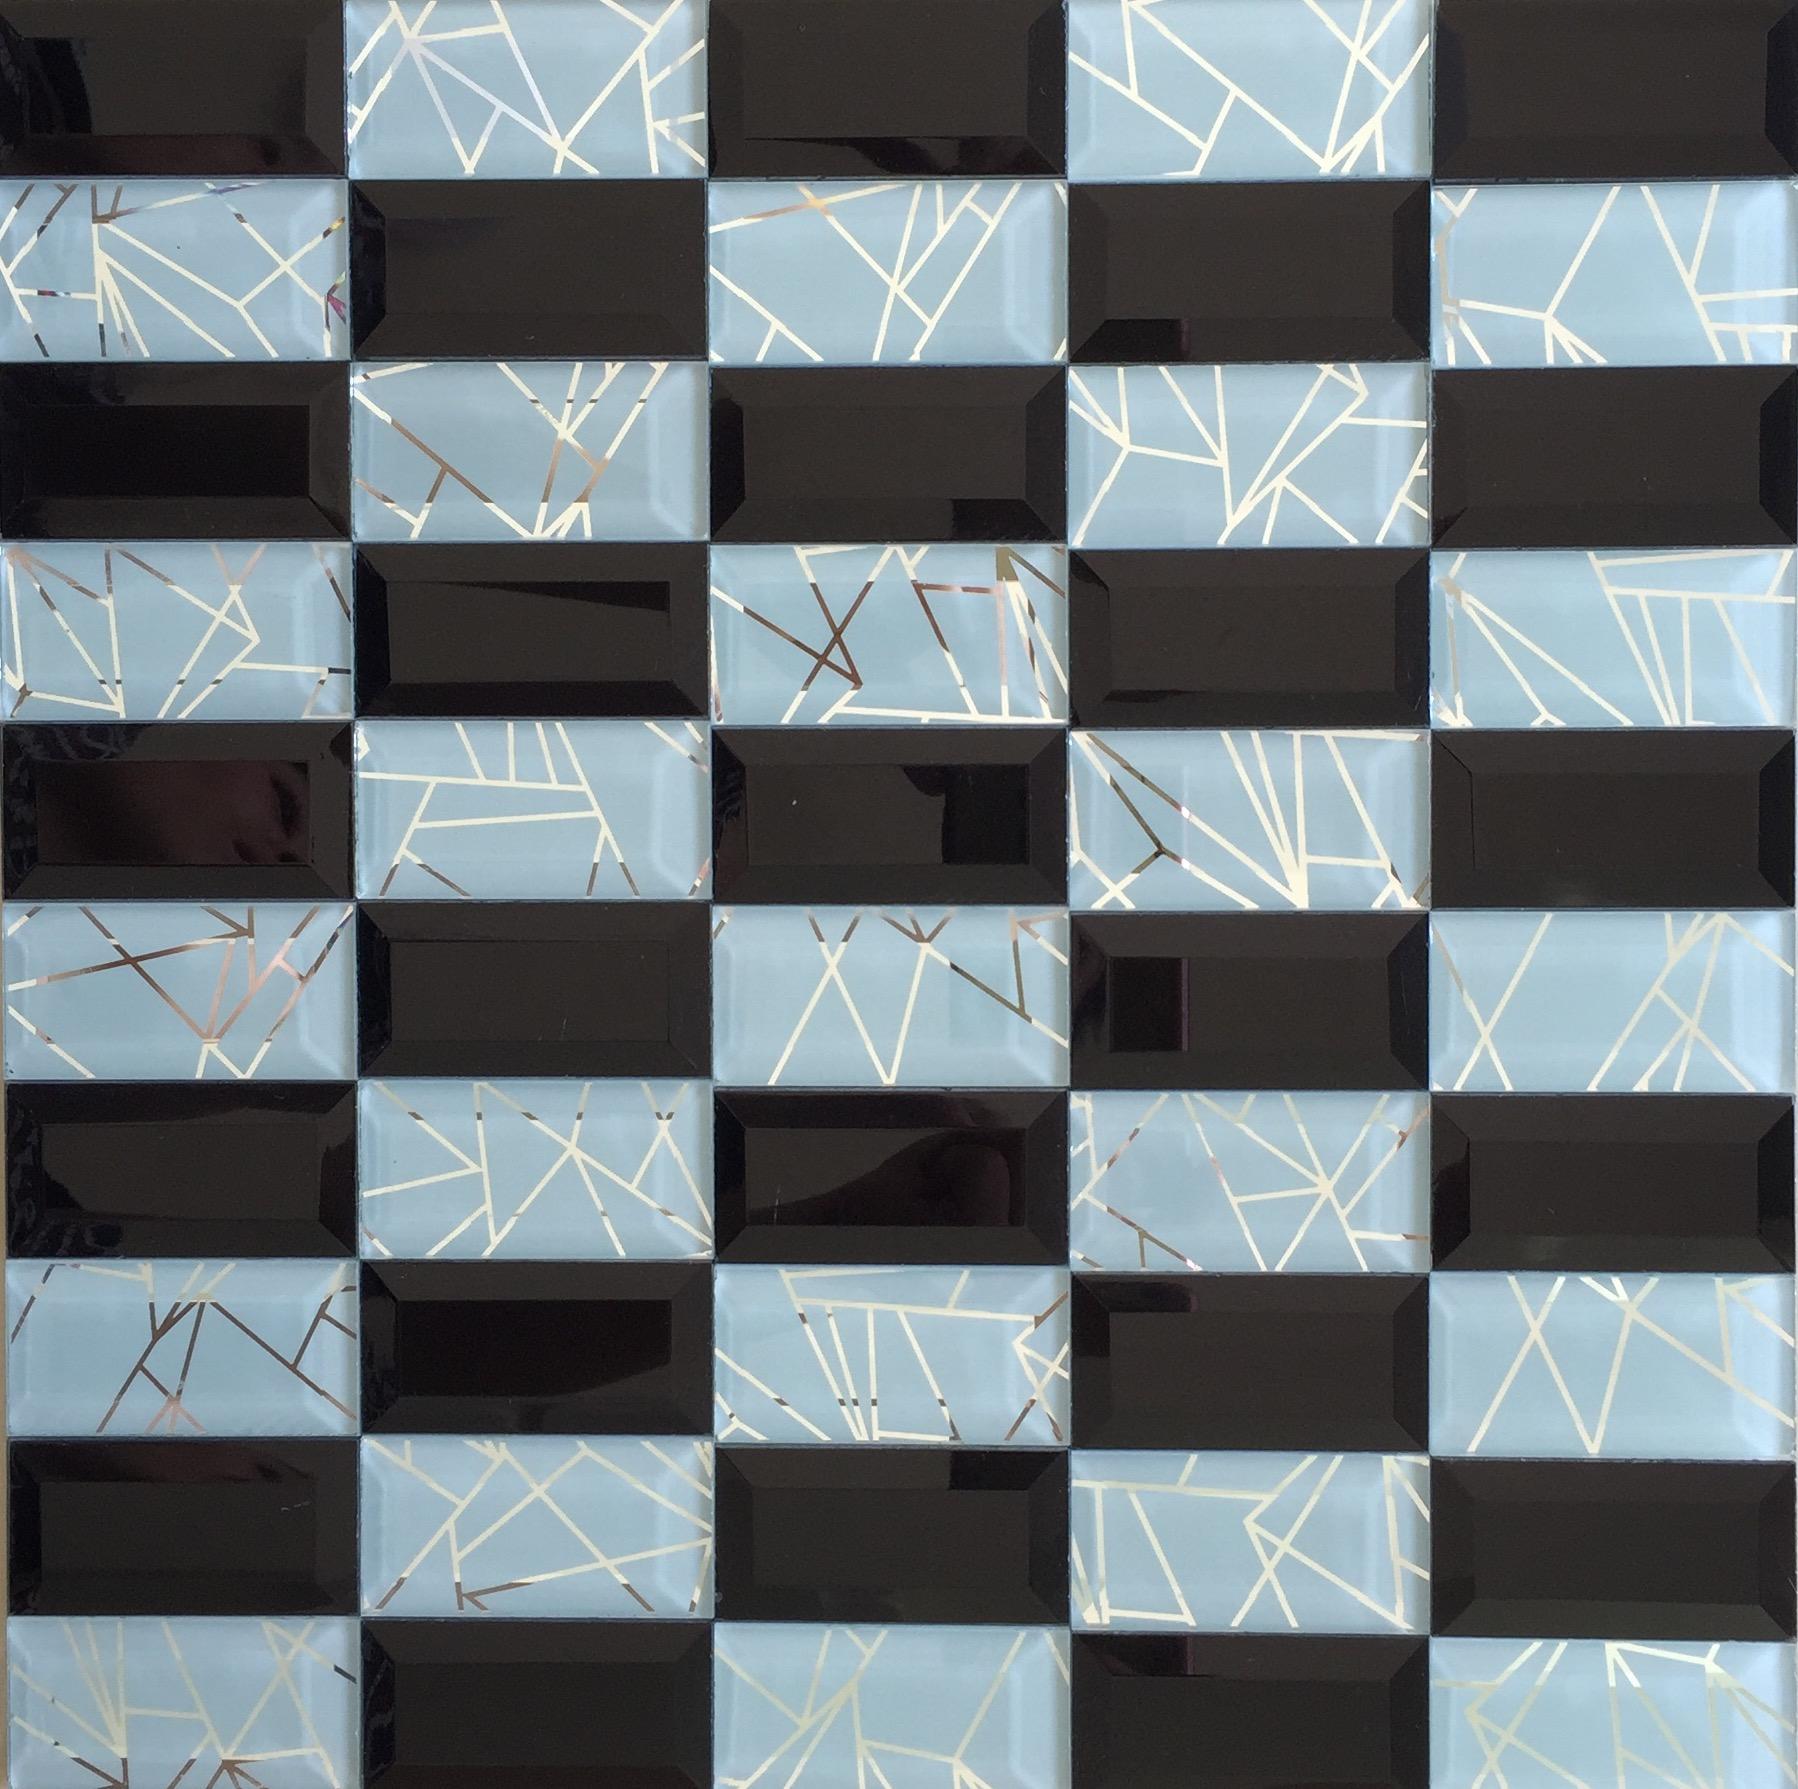 磨边无缝长条形马赛克瓷砖 ktv柱子背景墙 玻璃镜面马赛克特价